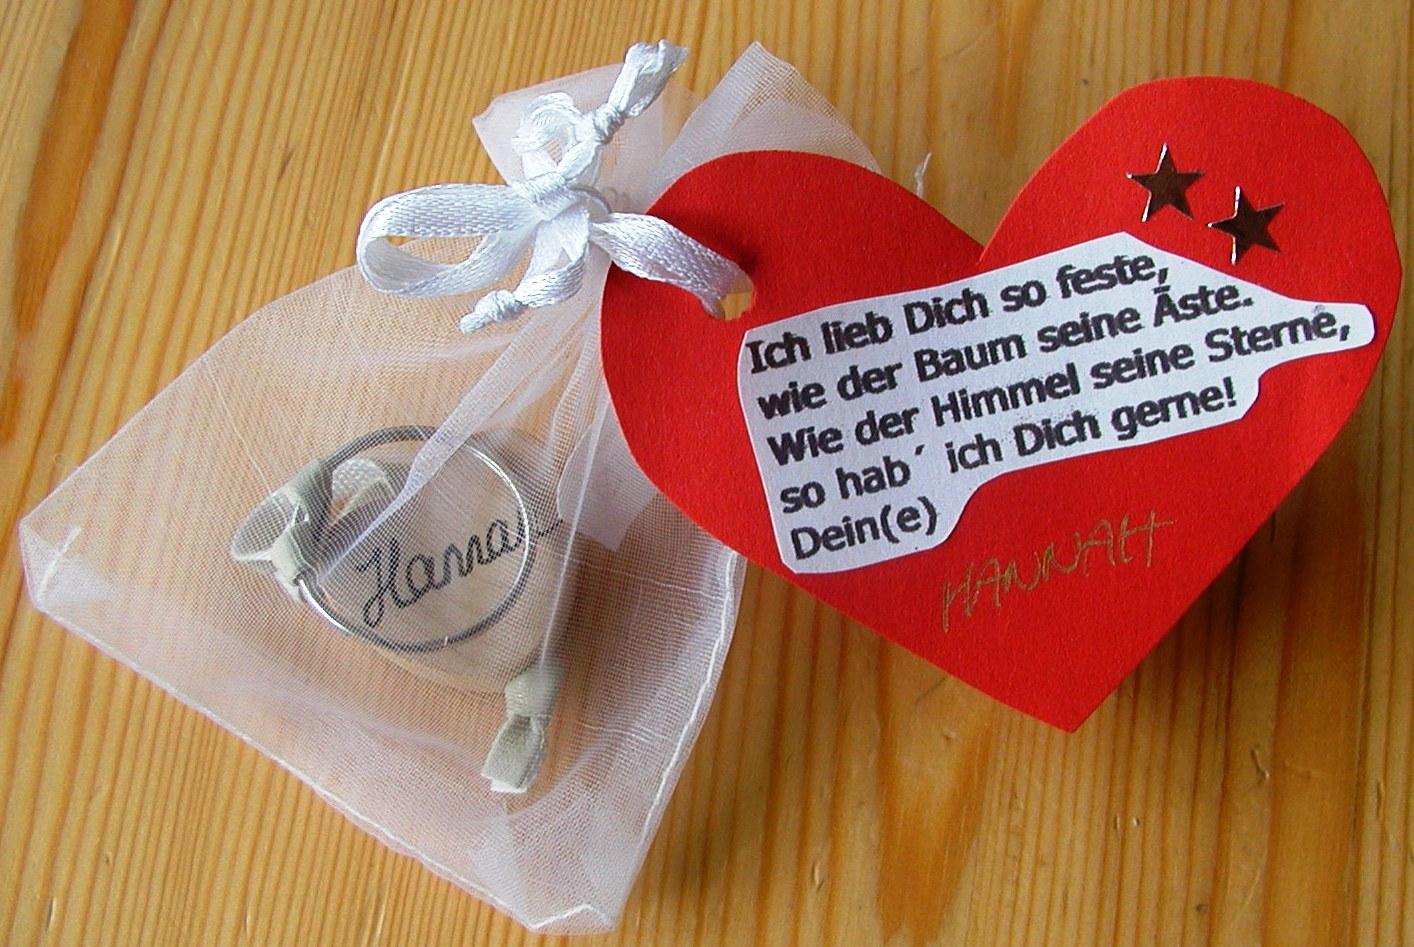 Steffies hexenhaus muttertagsgeschenk - Muttertagsgeschenke selber basteln ...